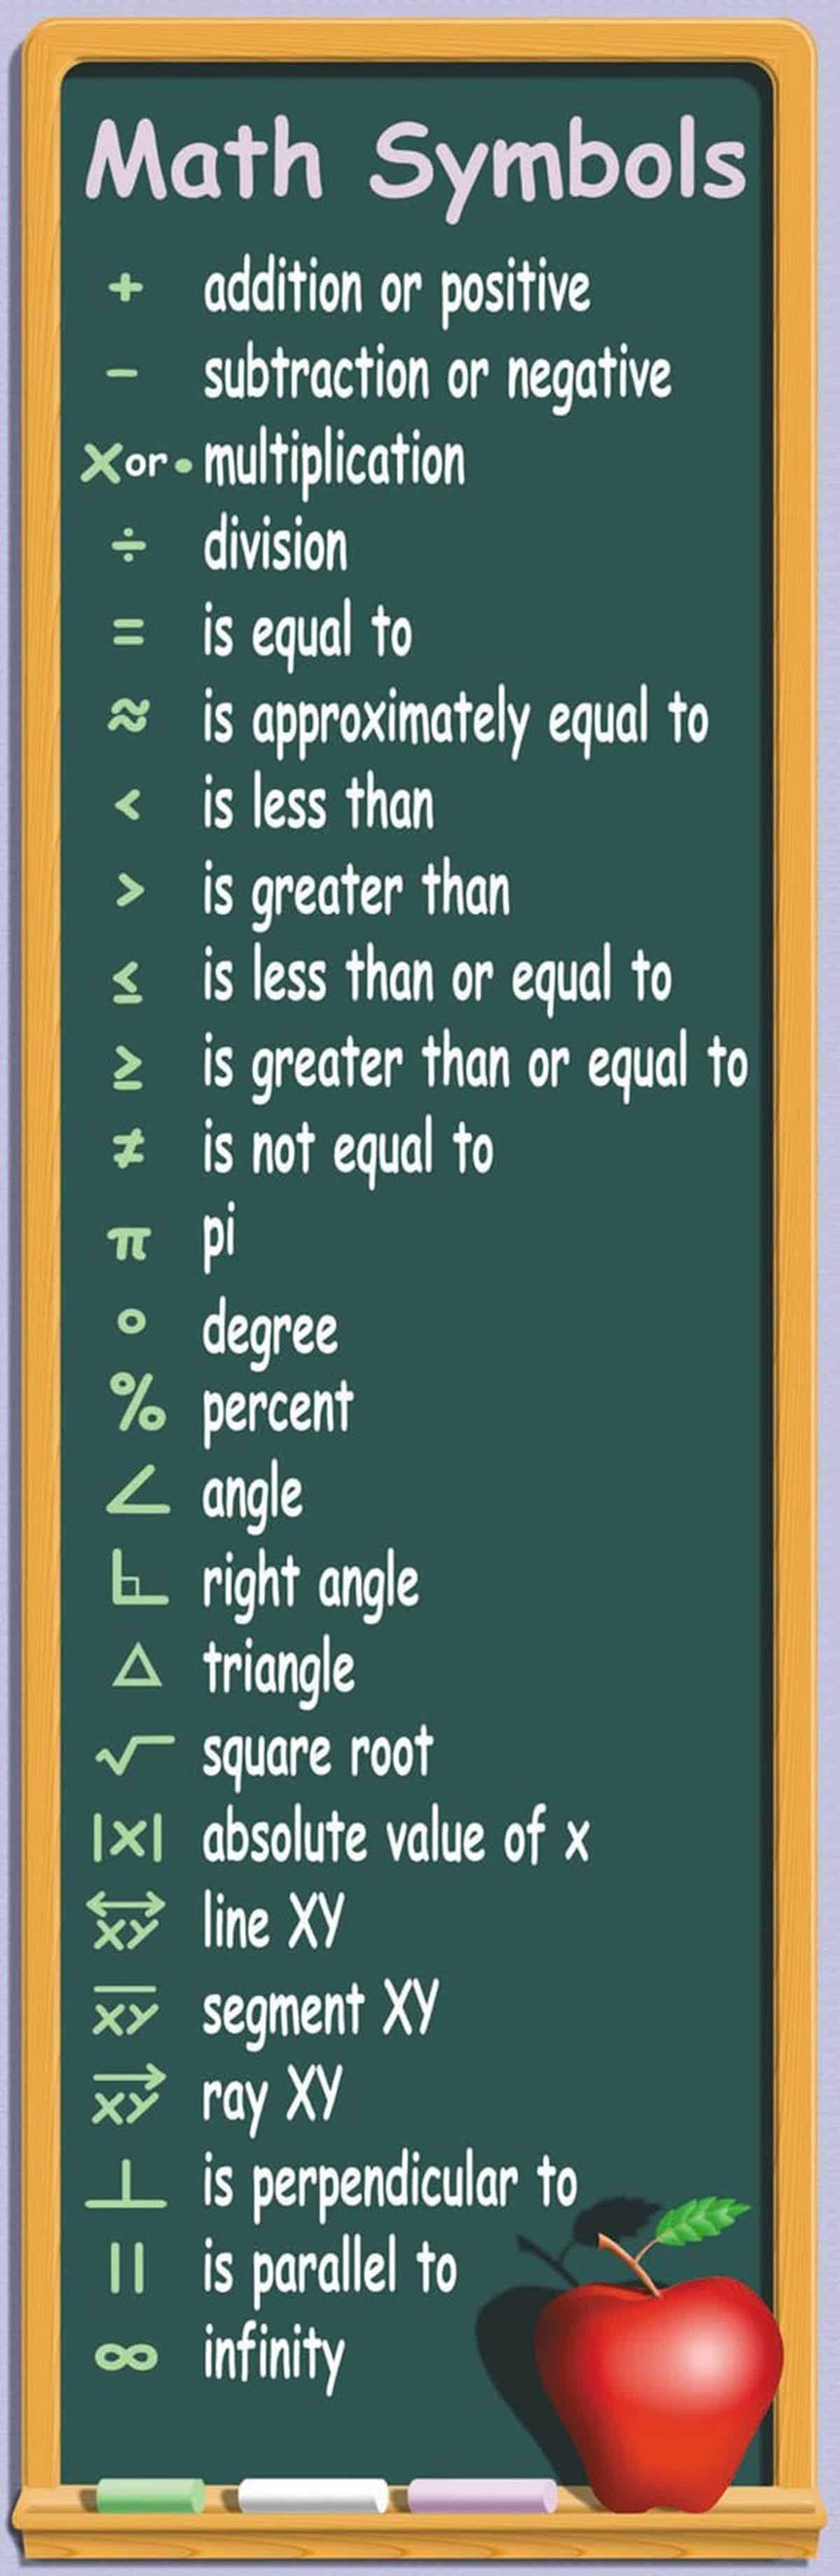 Math Symbols In English Esl Buzz